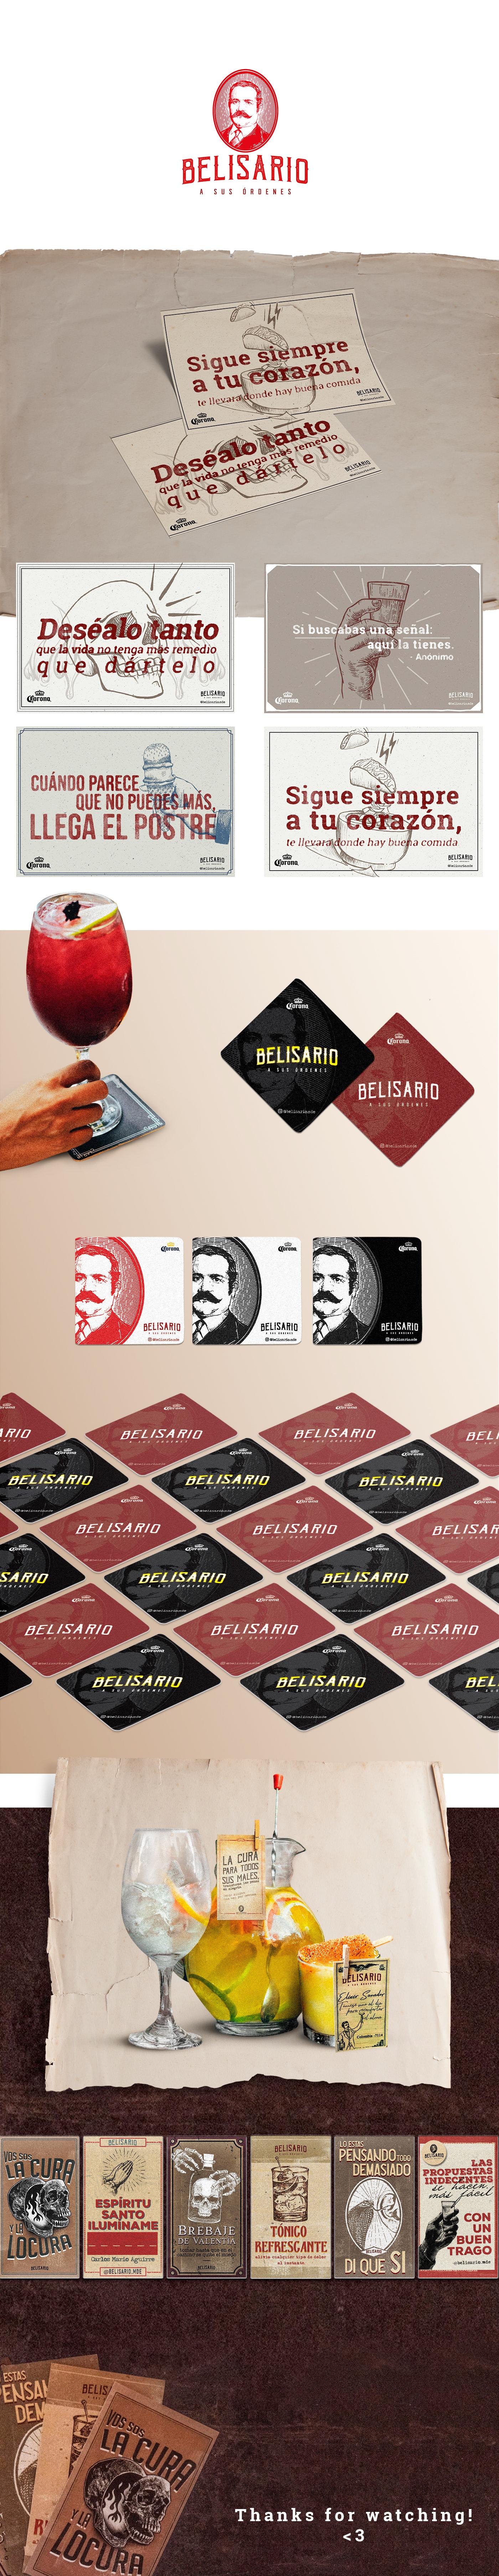 branding  diseño gráfico Food  gastronomic impresos Individuales pop portavasos restaurant restaurante